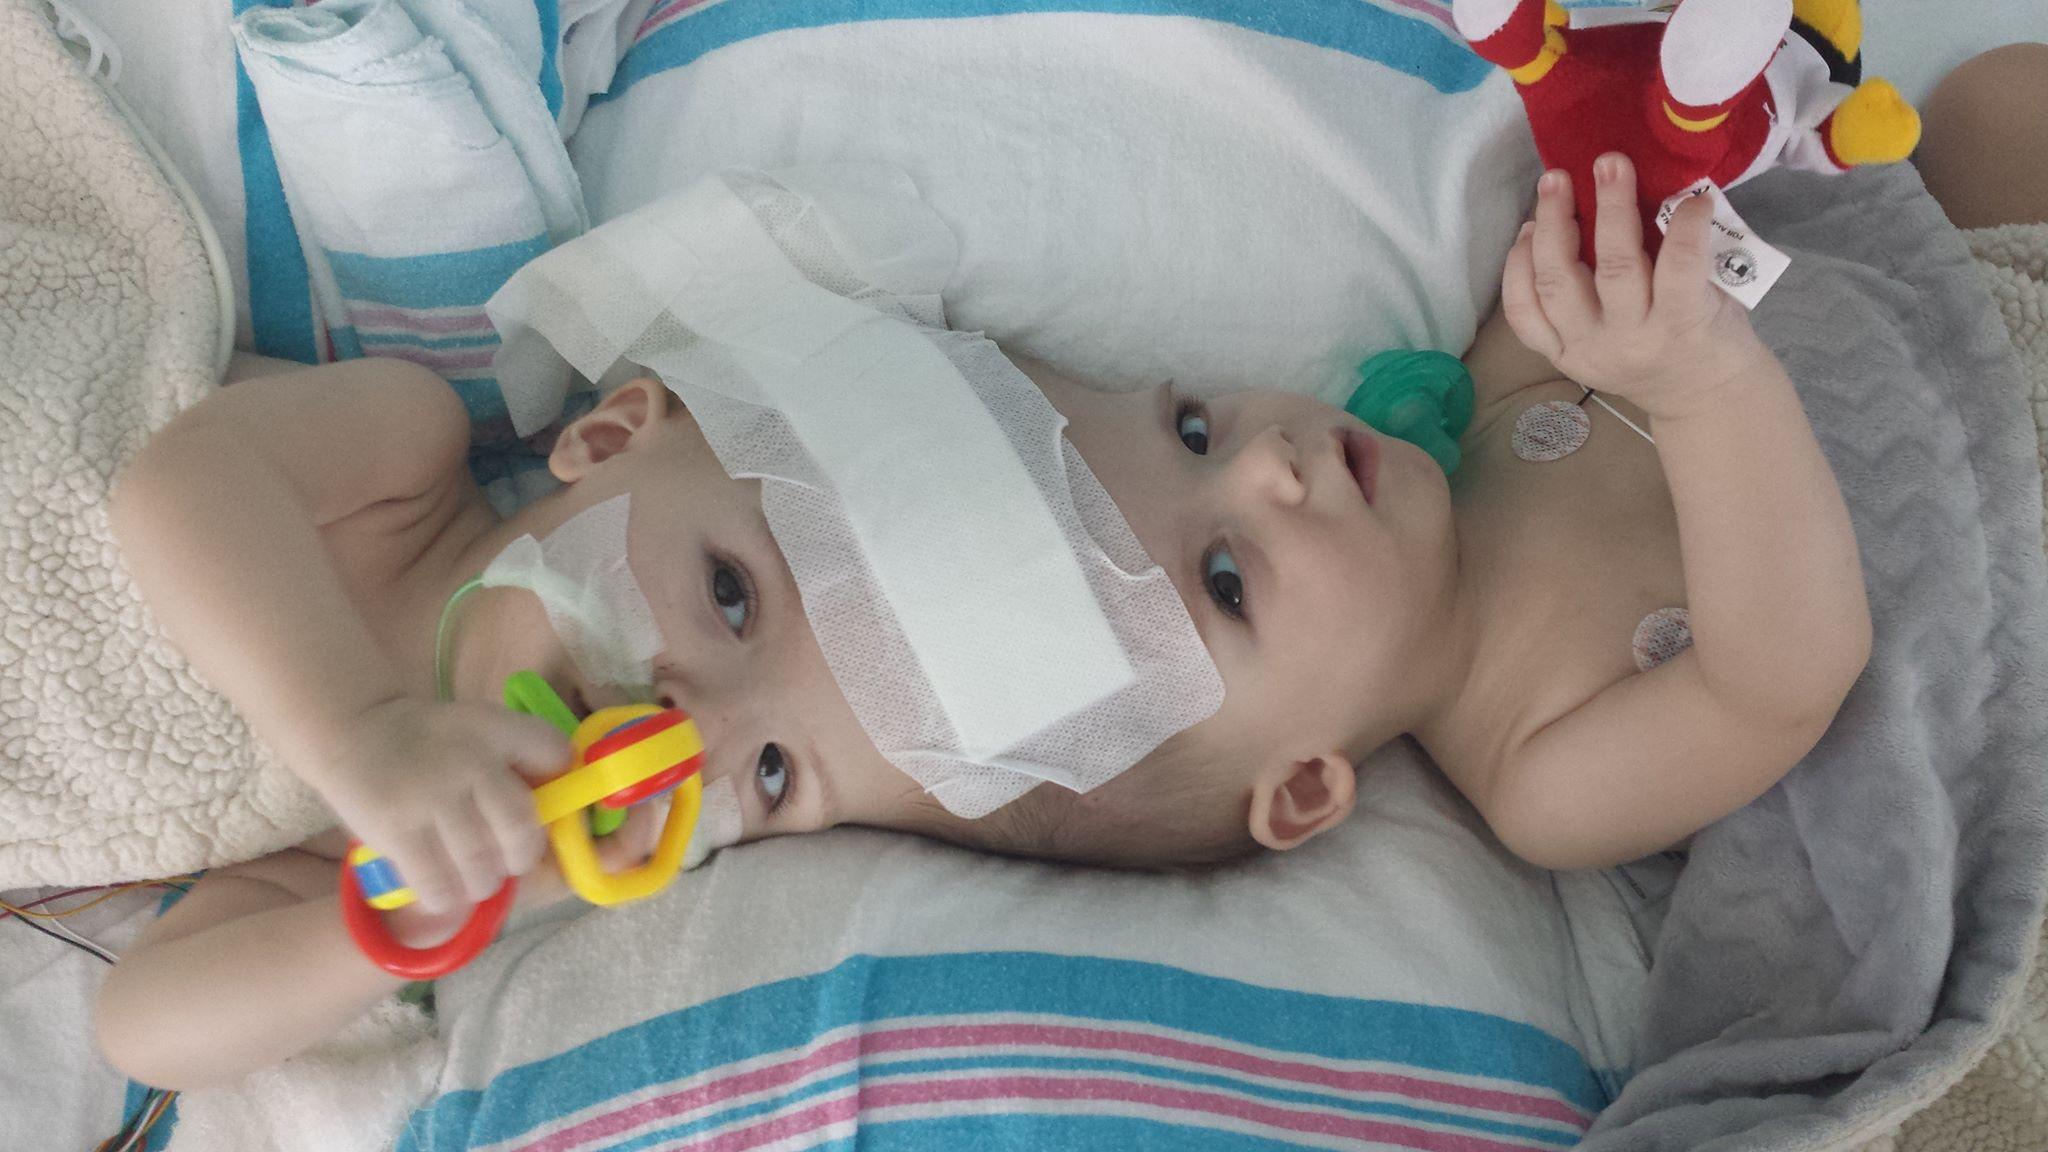 Usa, due gemelli siamesi separati dopo 27 ore di intervento